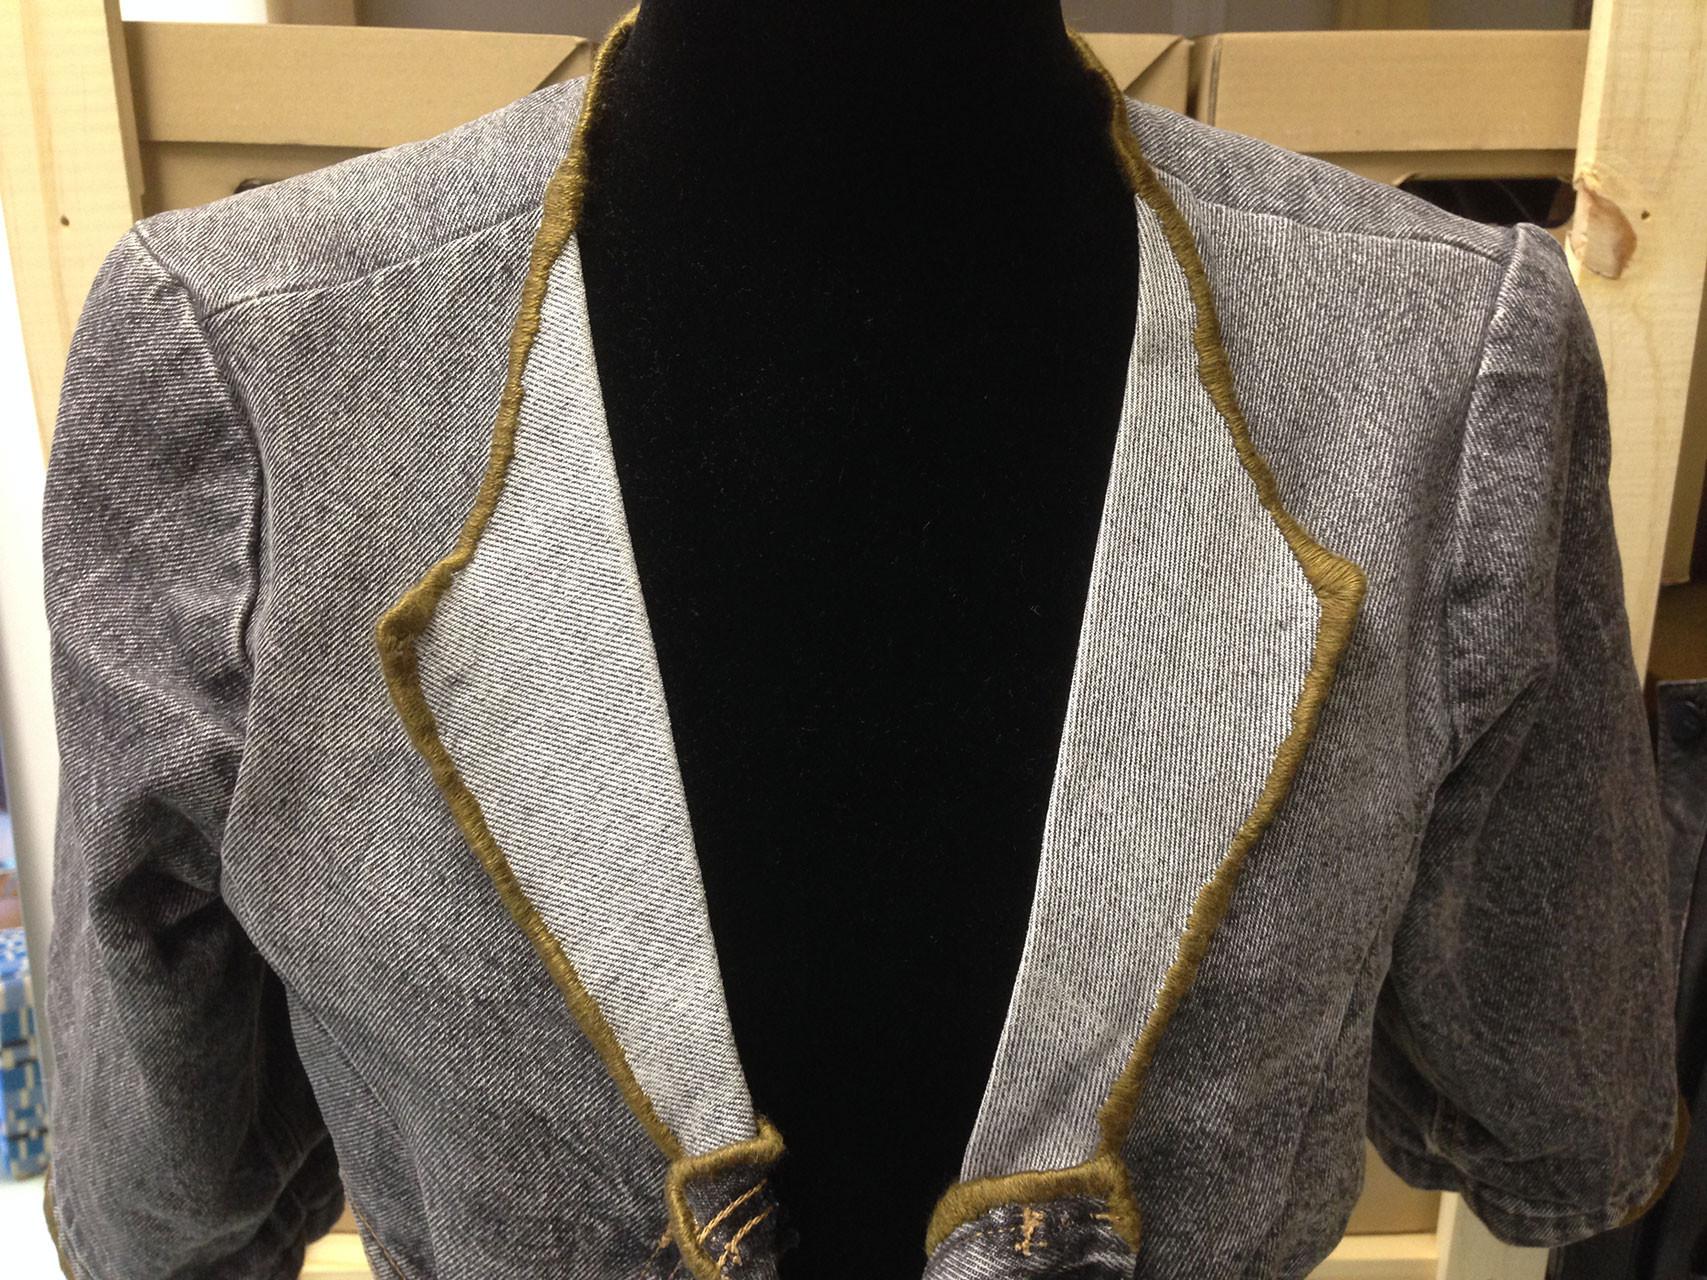 embroidered_details_denim_jacket